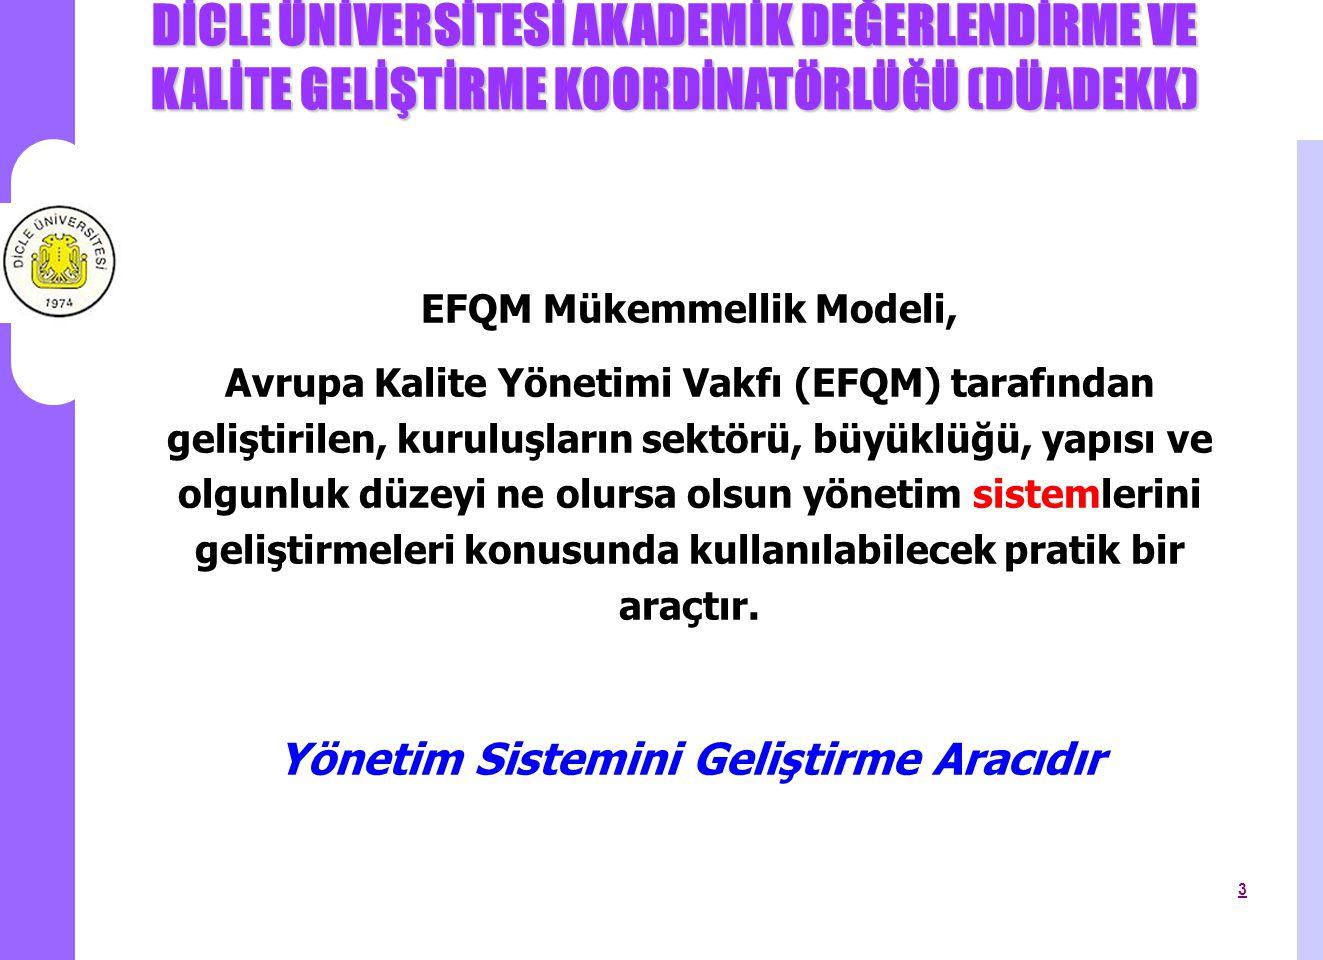 EFQM Mükemmellik Modeli, Yönetim Sistemini Geliştirme Aracıdır